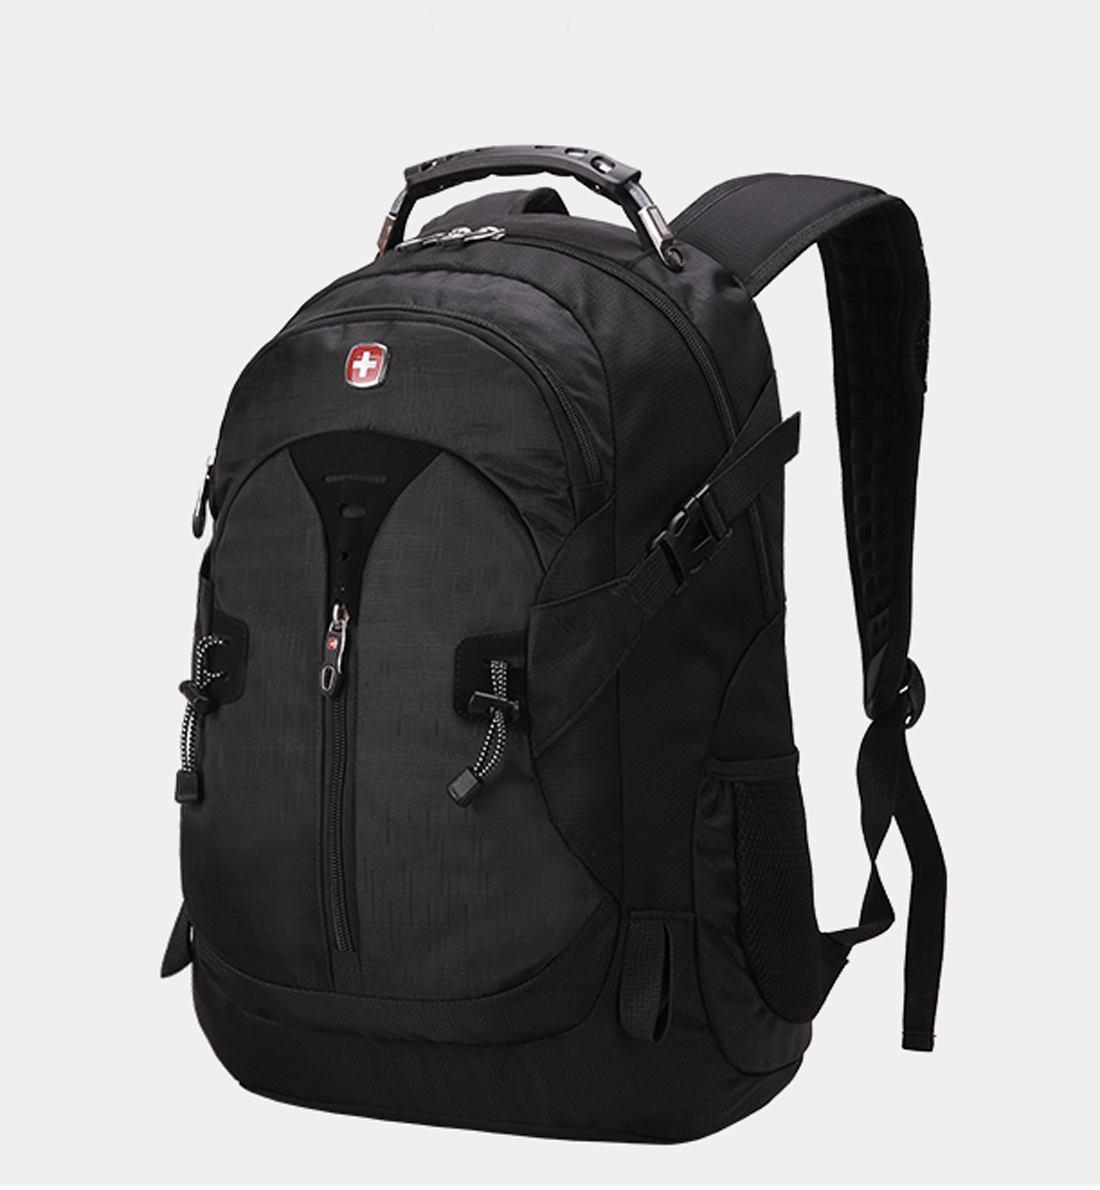 980d02ef3437 ... Вместительный рюкзак SwissGear Wenger, свисгир. Черный. + Дождевик. /  s7255 black, ...